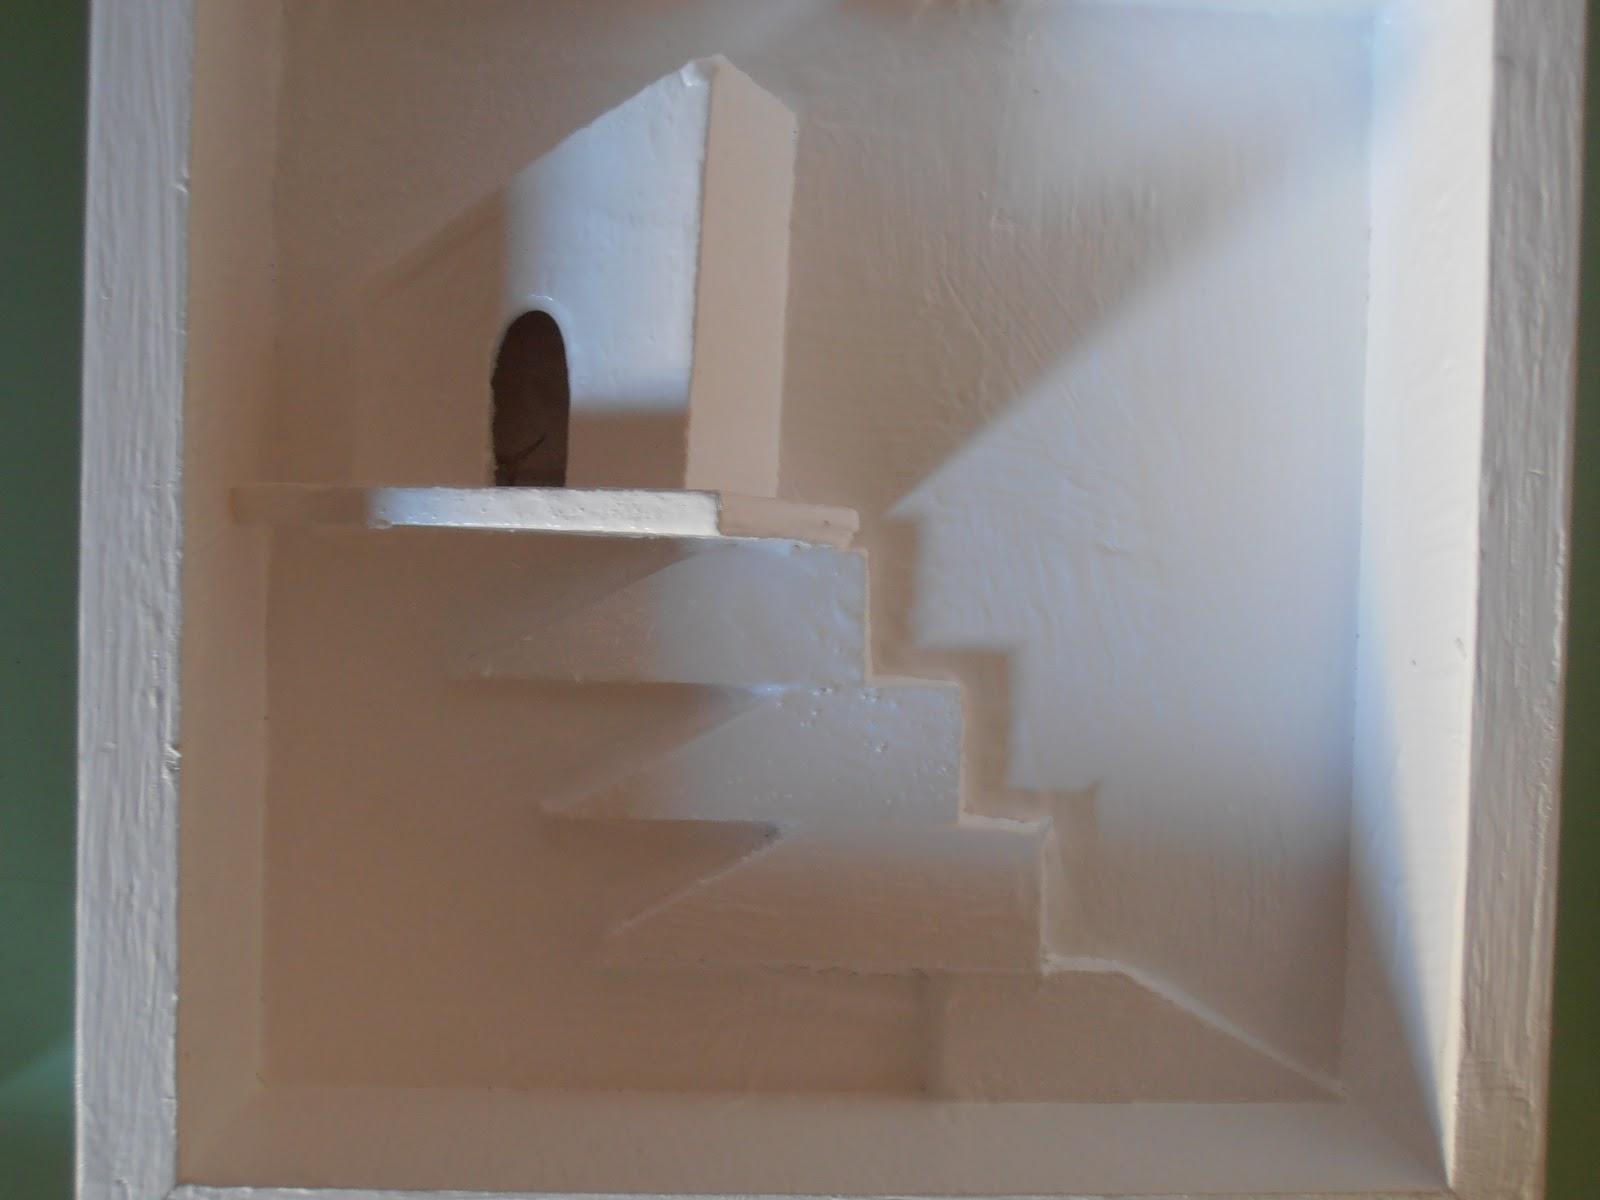 Esculturas y pinturas espacio en blanco - Espacio en blanco ...